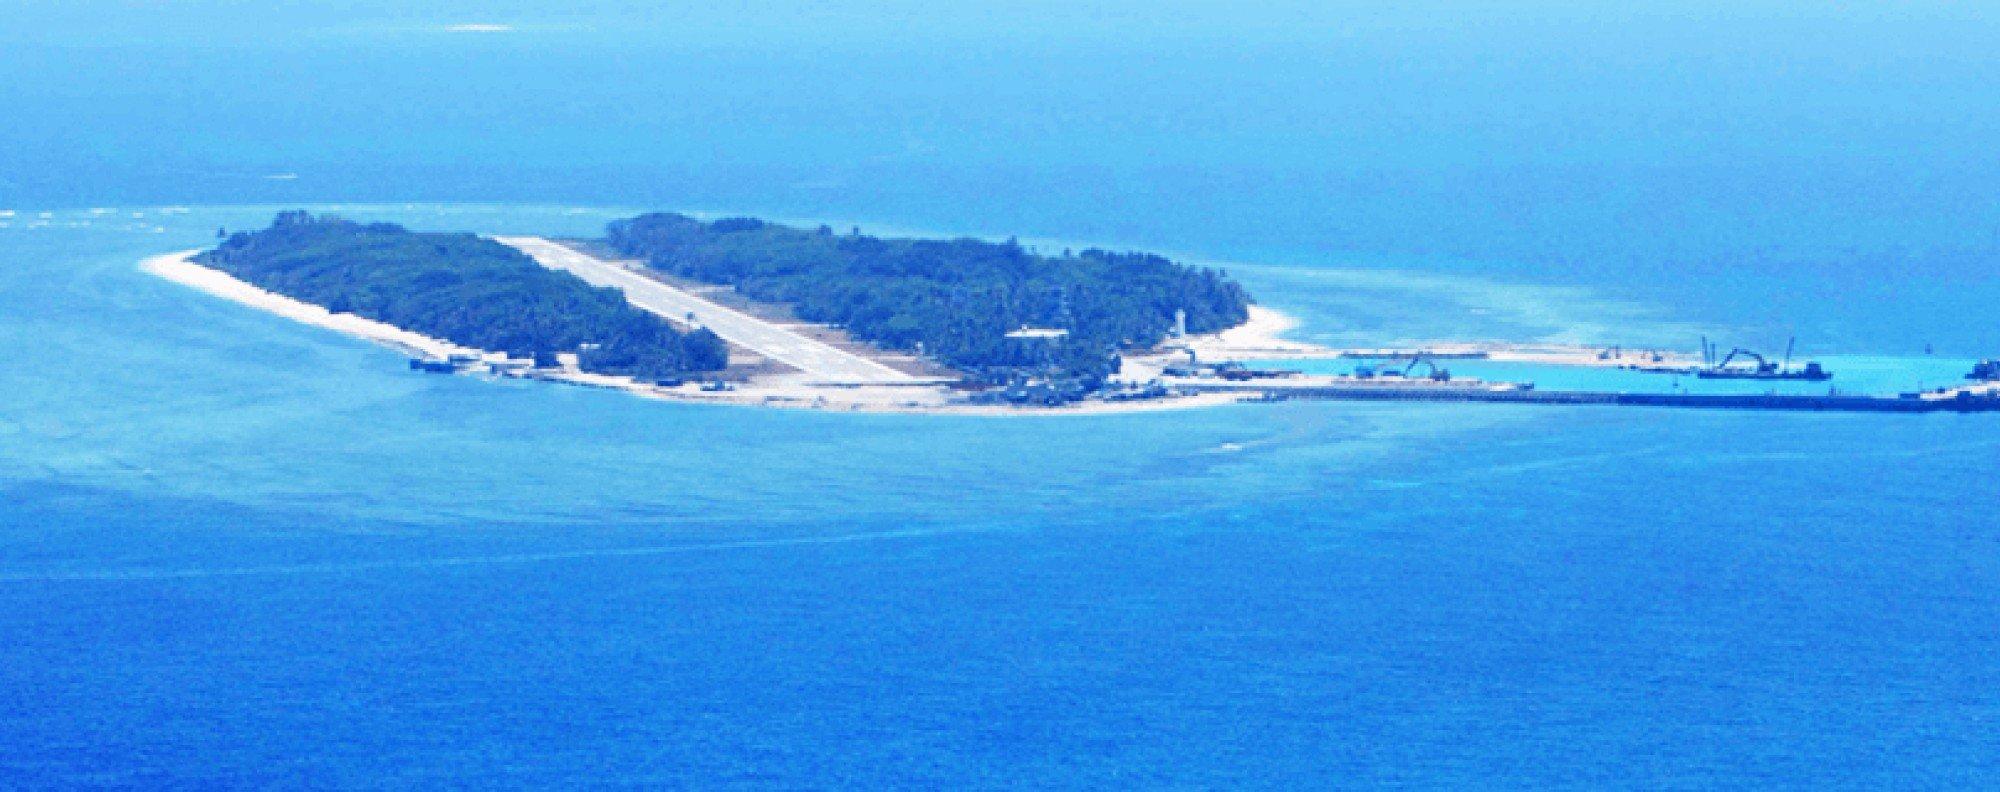 South China Sea | South China Morning Post